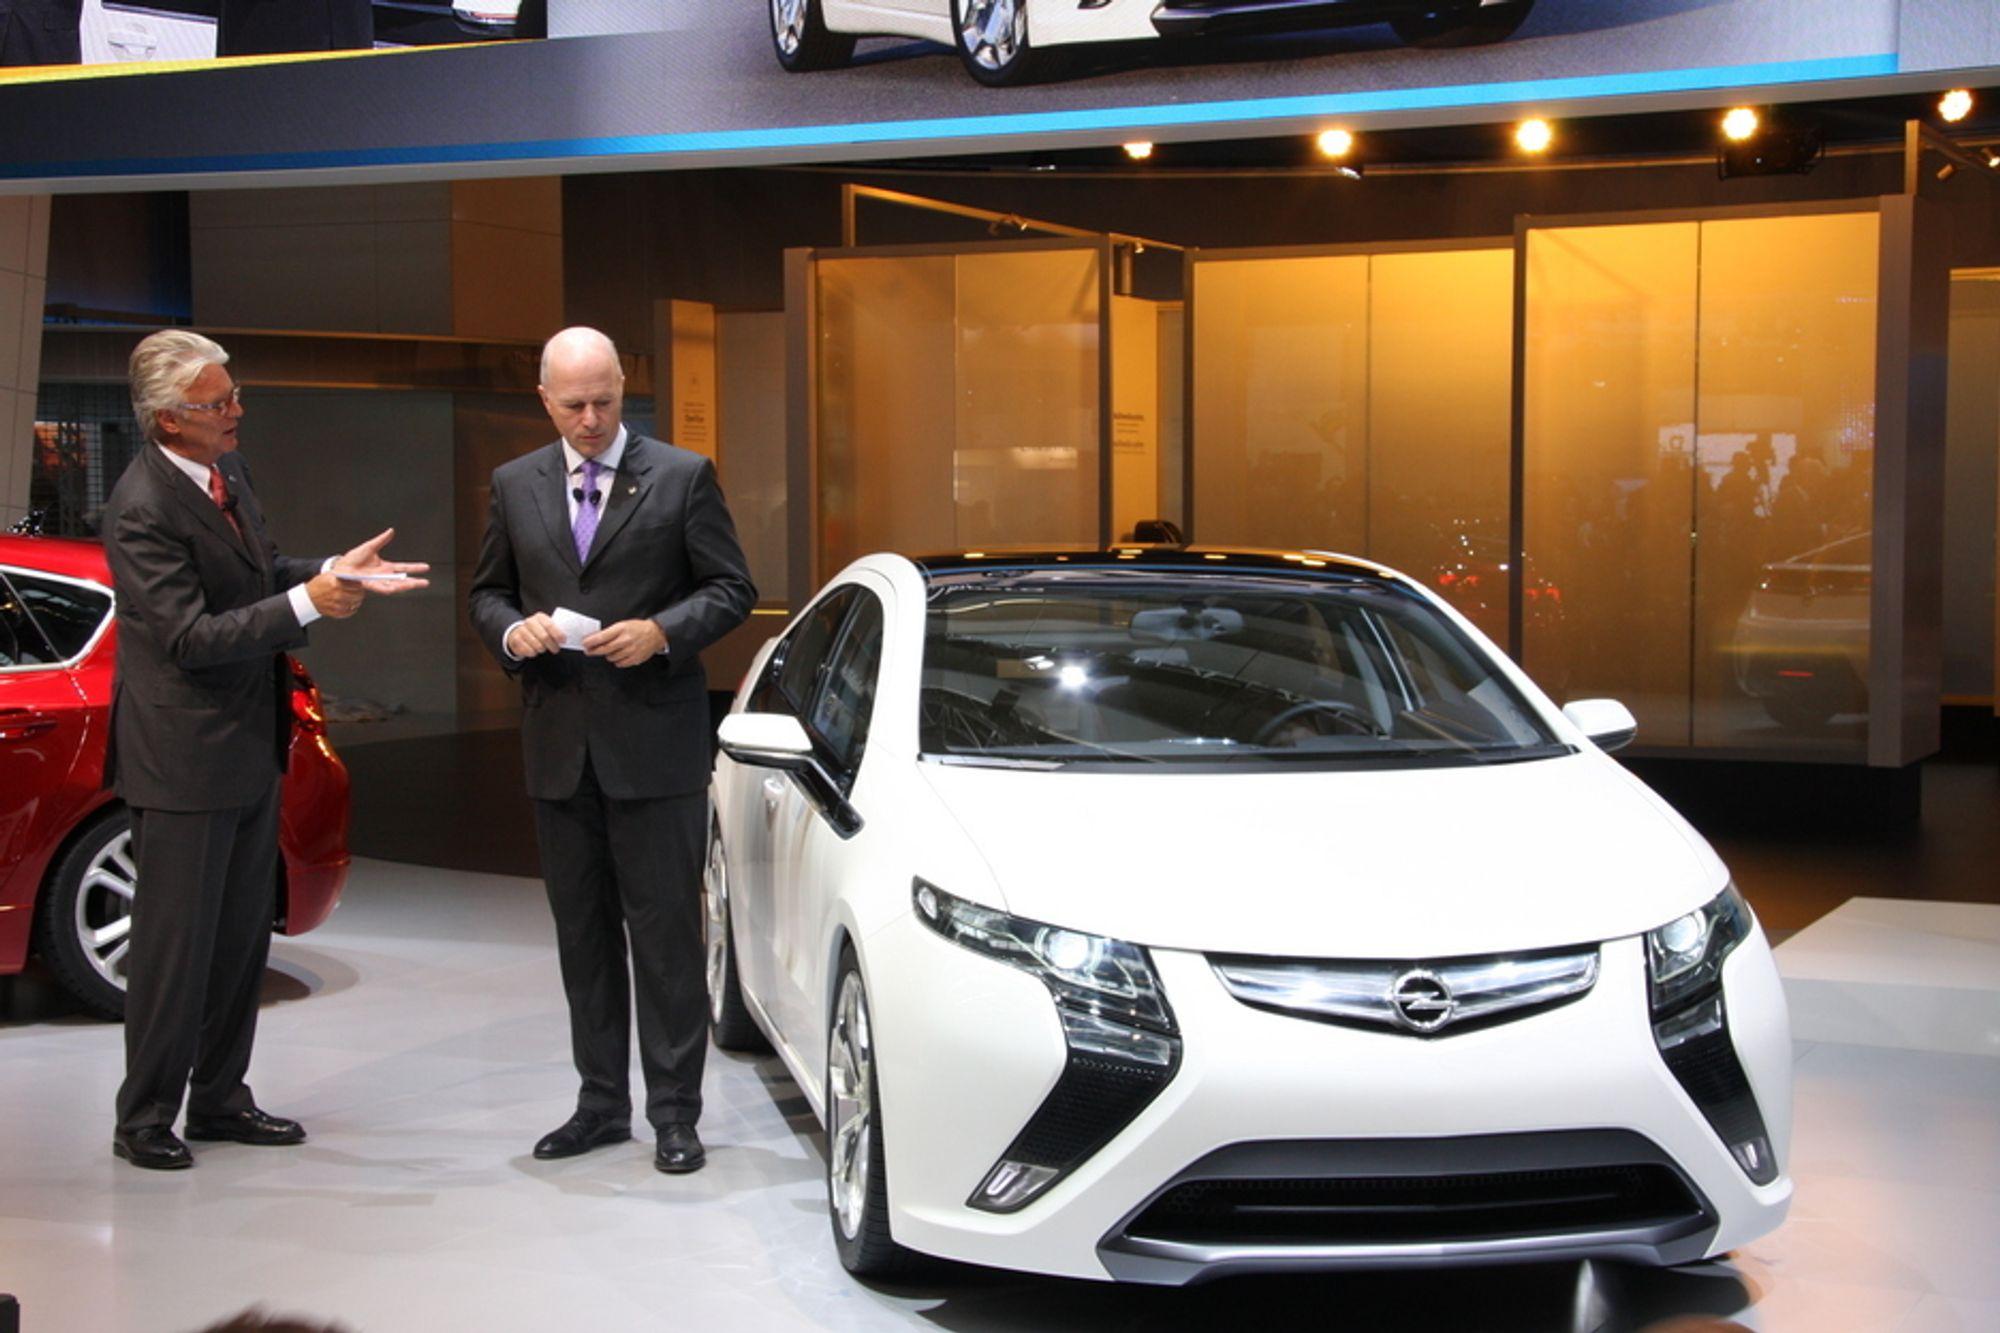 ELEKTRISK: Carl Peter Forster og Martin Hacht viste frem Opels nye Ampera.